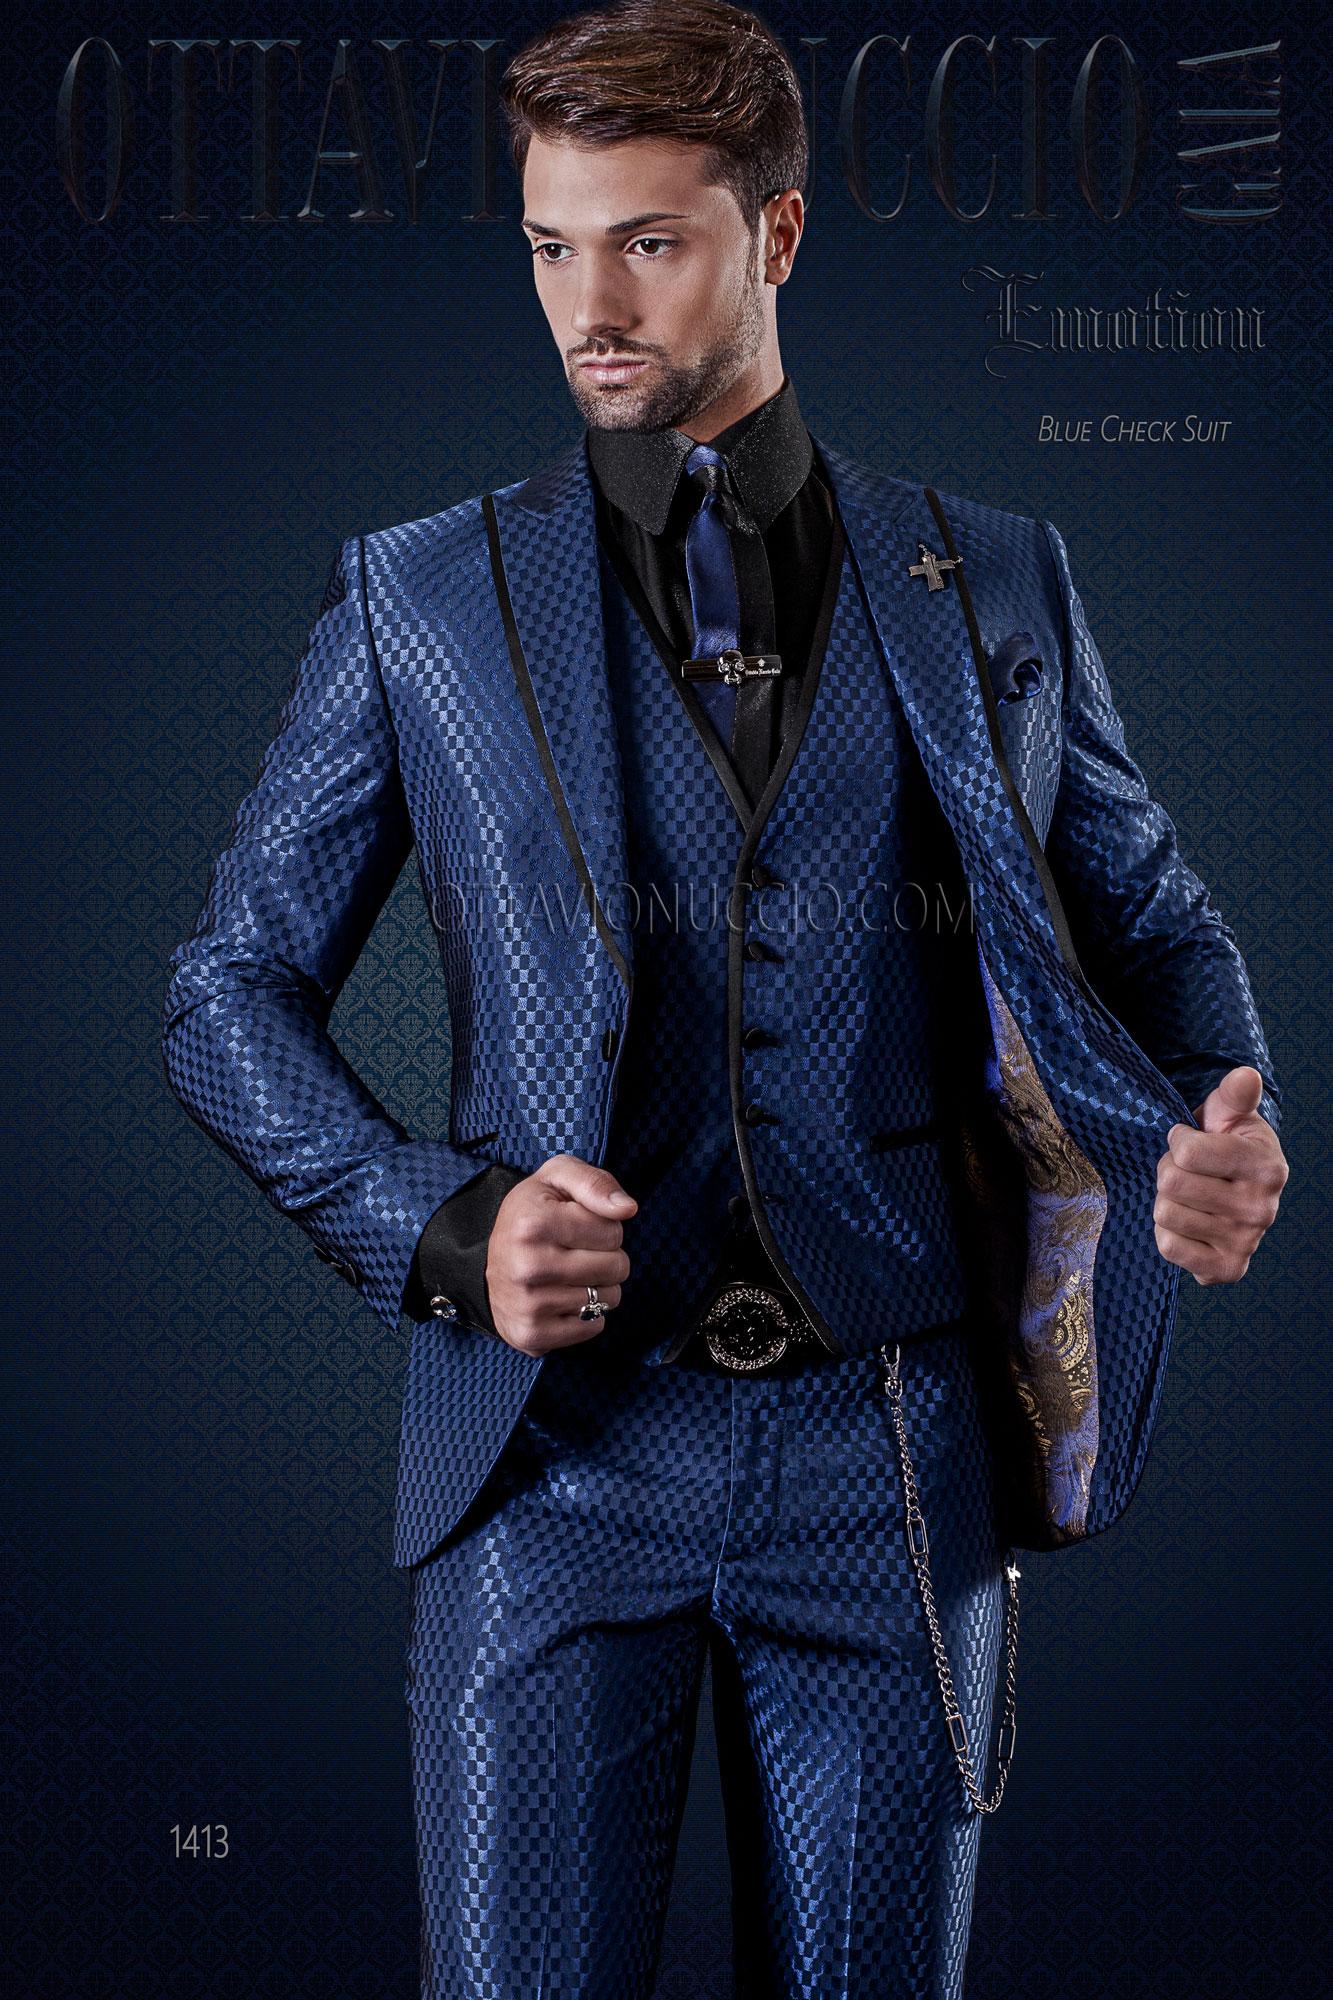 italienische mode herren anzug blaue check design mit weste. Black Bedroom Furniture Sets. Home Design Ideas